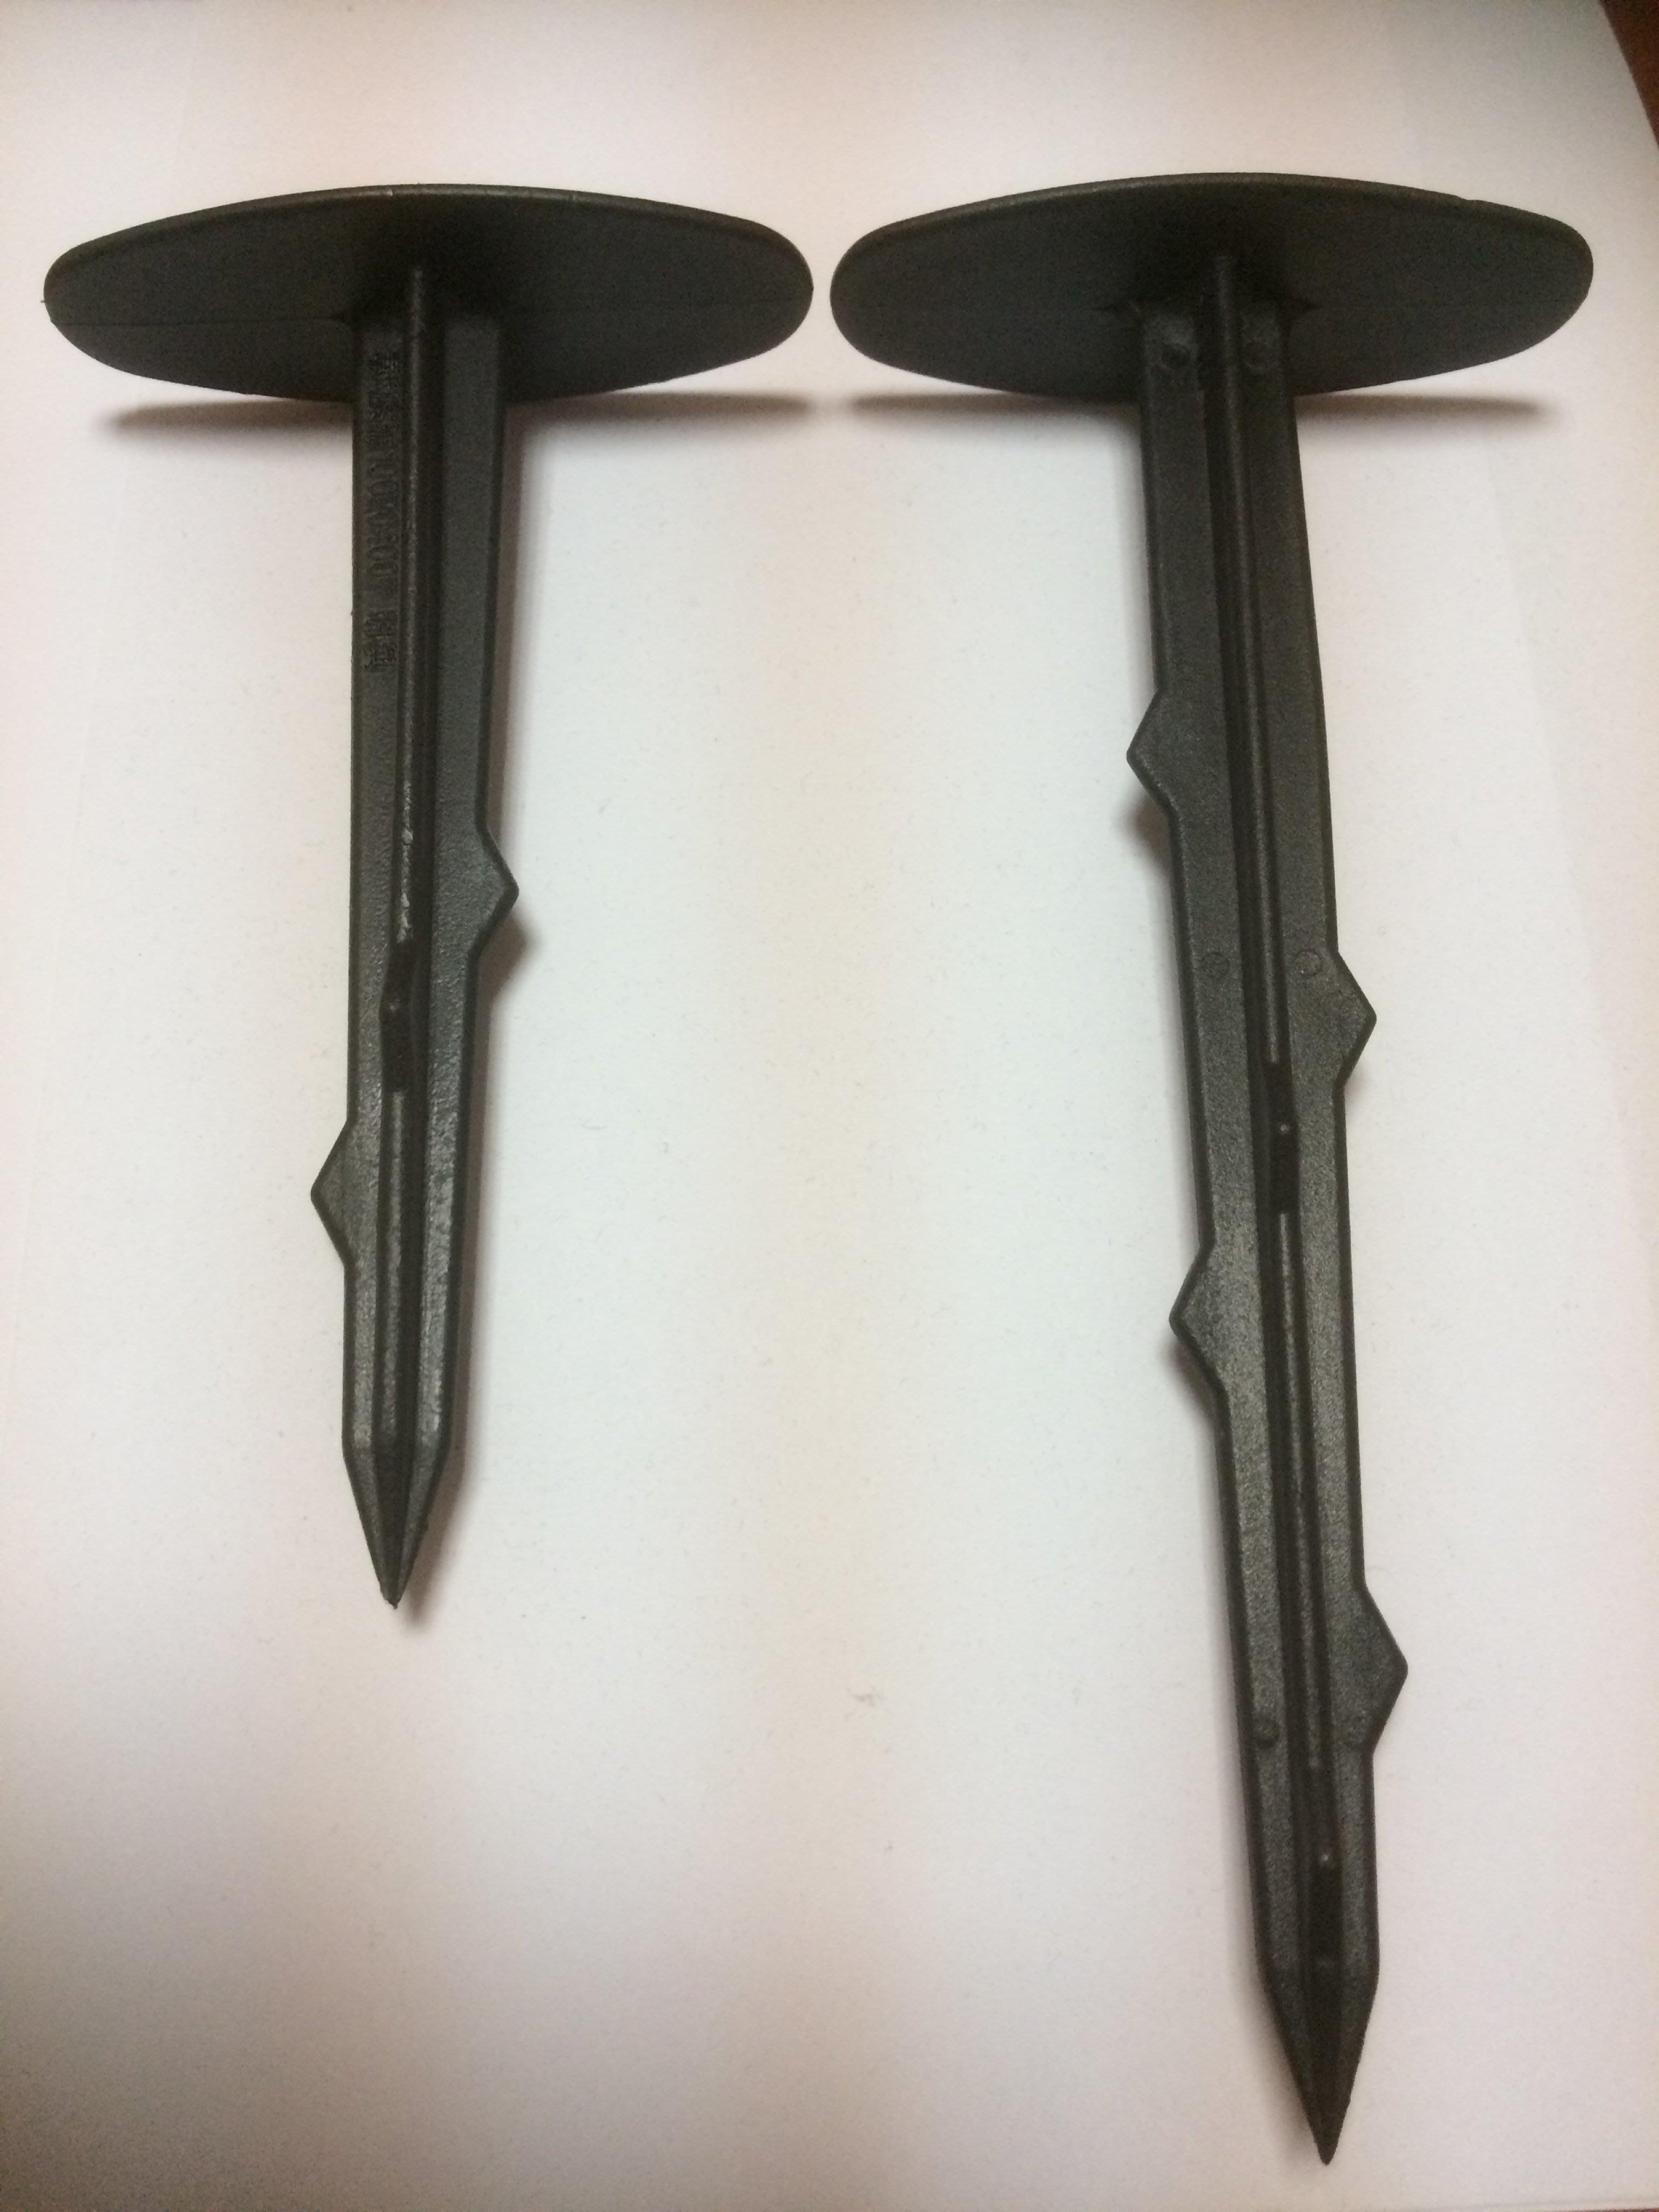 塑膠釘,雜草抑制蓆固定釘、21公分塑膠釘100支300元